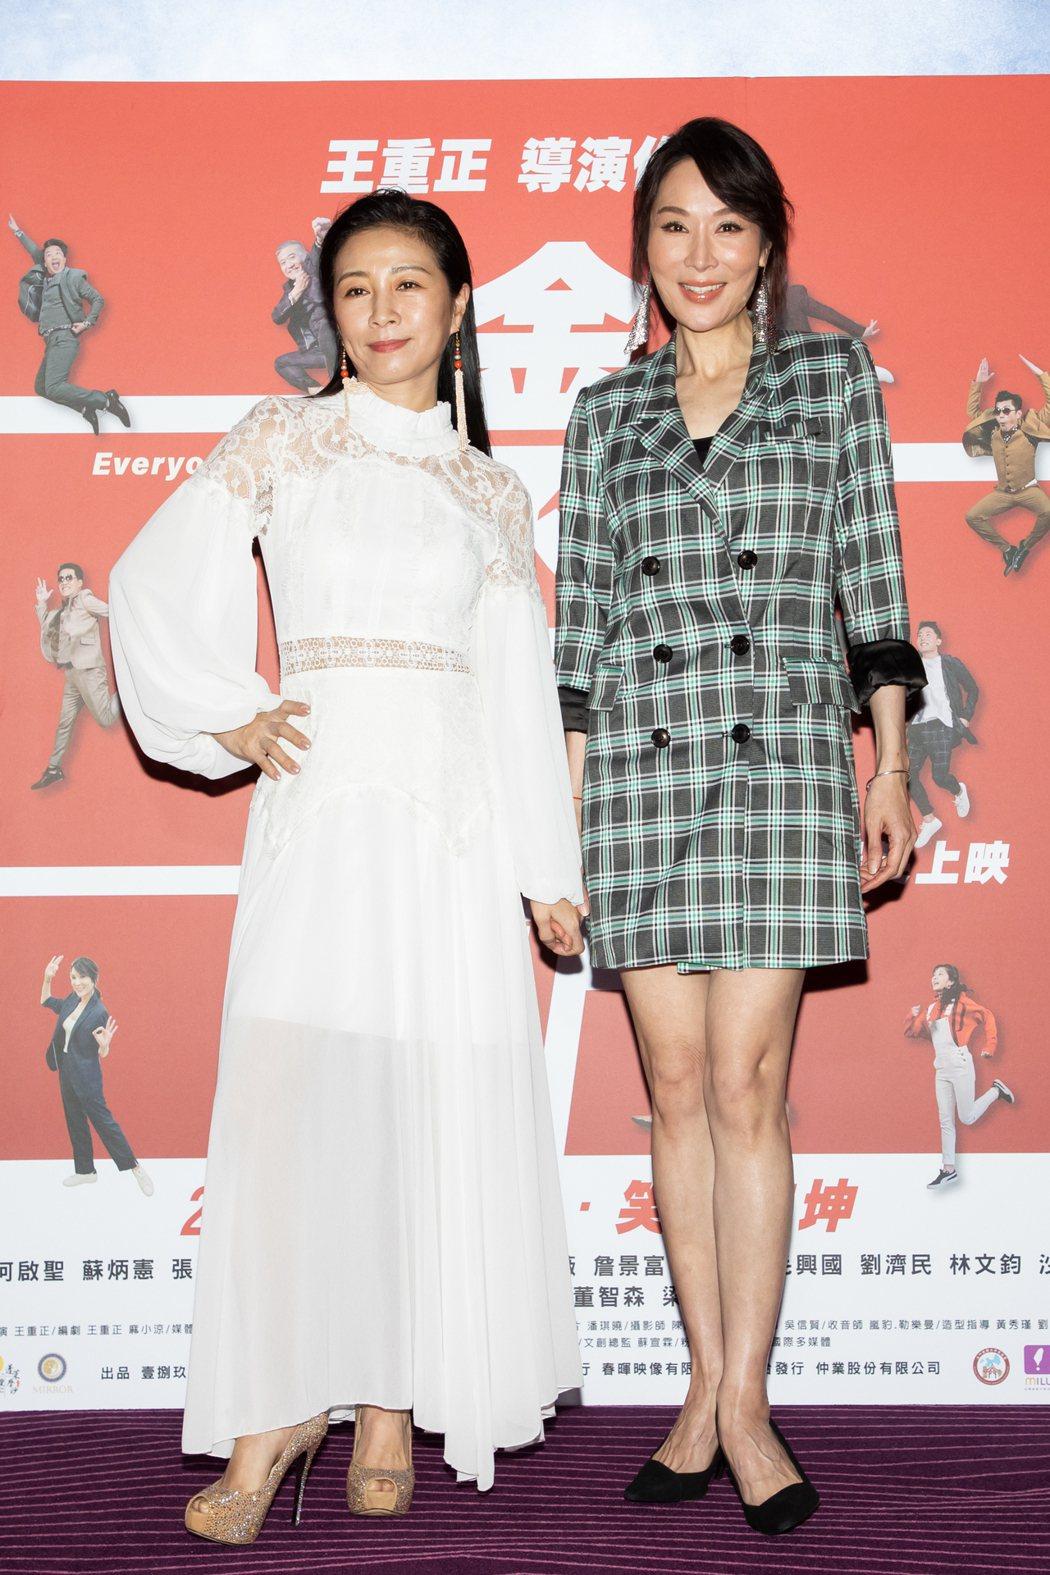 方文琳(左起)、林千鈺出席「金不厭詐」電影首映會暨記者會。記者季相儒/攝影